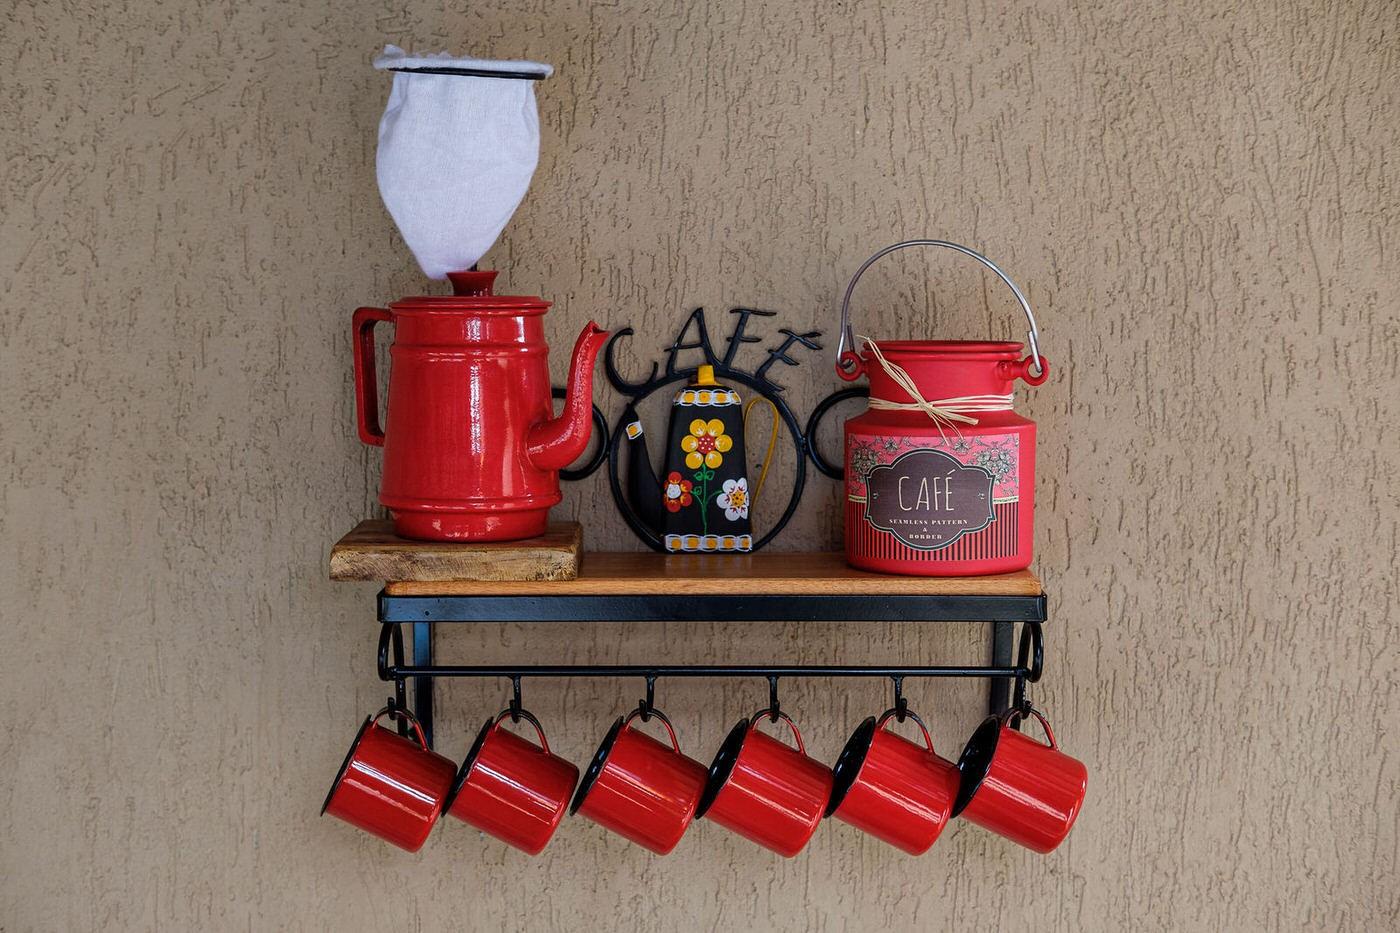 Kit cantinho do café com kit bule vermelho 1 litro em alumínio com canecas vermelhas